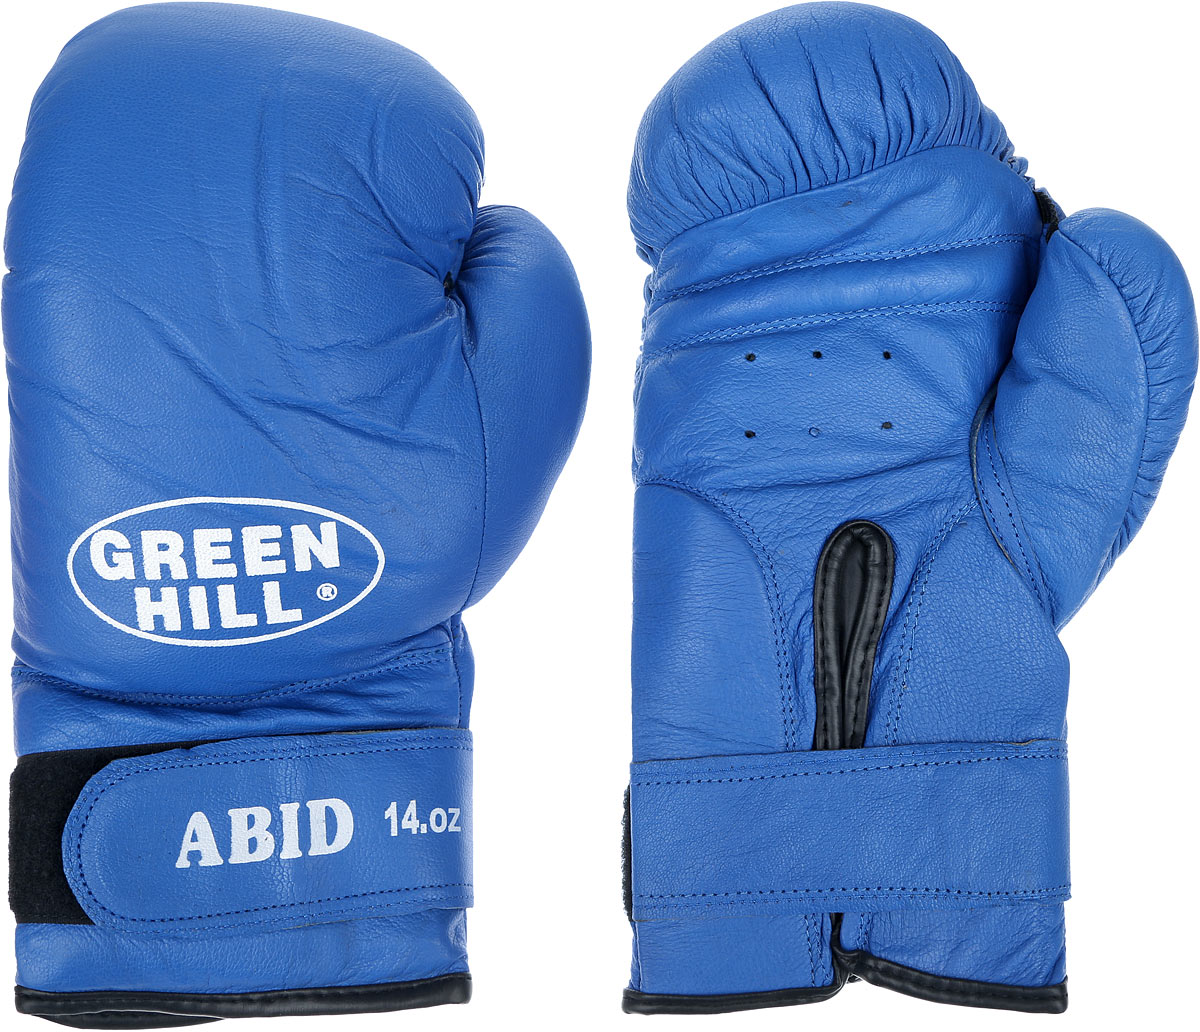 Перчатки боксерские Green Hill Abid, цвет: синий, белый. Вес 14 унцийAIRWHEEL M3-162.8Боксерские тренировочные перчатки Green Hill Abid выполнены из натуральной кожи. Они отлично подойдут для начинающих спортсменов. Мягкий наполнитель из очеса предотвращает любые травмы. Отверстия в районе ладони обеспечивают вентиляцию. Широкий ремень, охватывая запястье, полностью оборачивается вокруг манжеты, благодаря чему создается дополнительная защита лучезапястного сустава от травмирования. Застежка на липучке способствует быстрому и удобному надеванию перчаток, плотно фиксирует перчатки на руке.